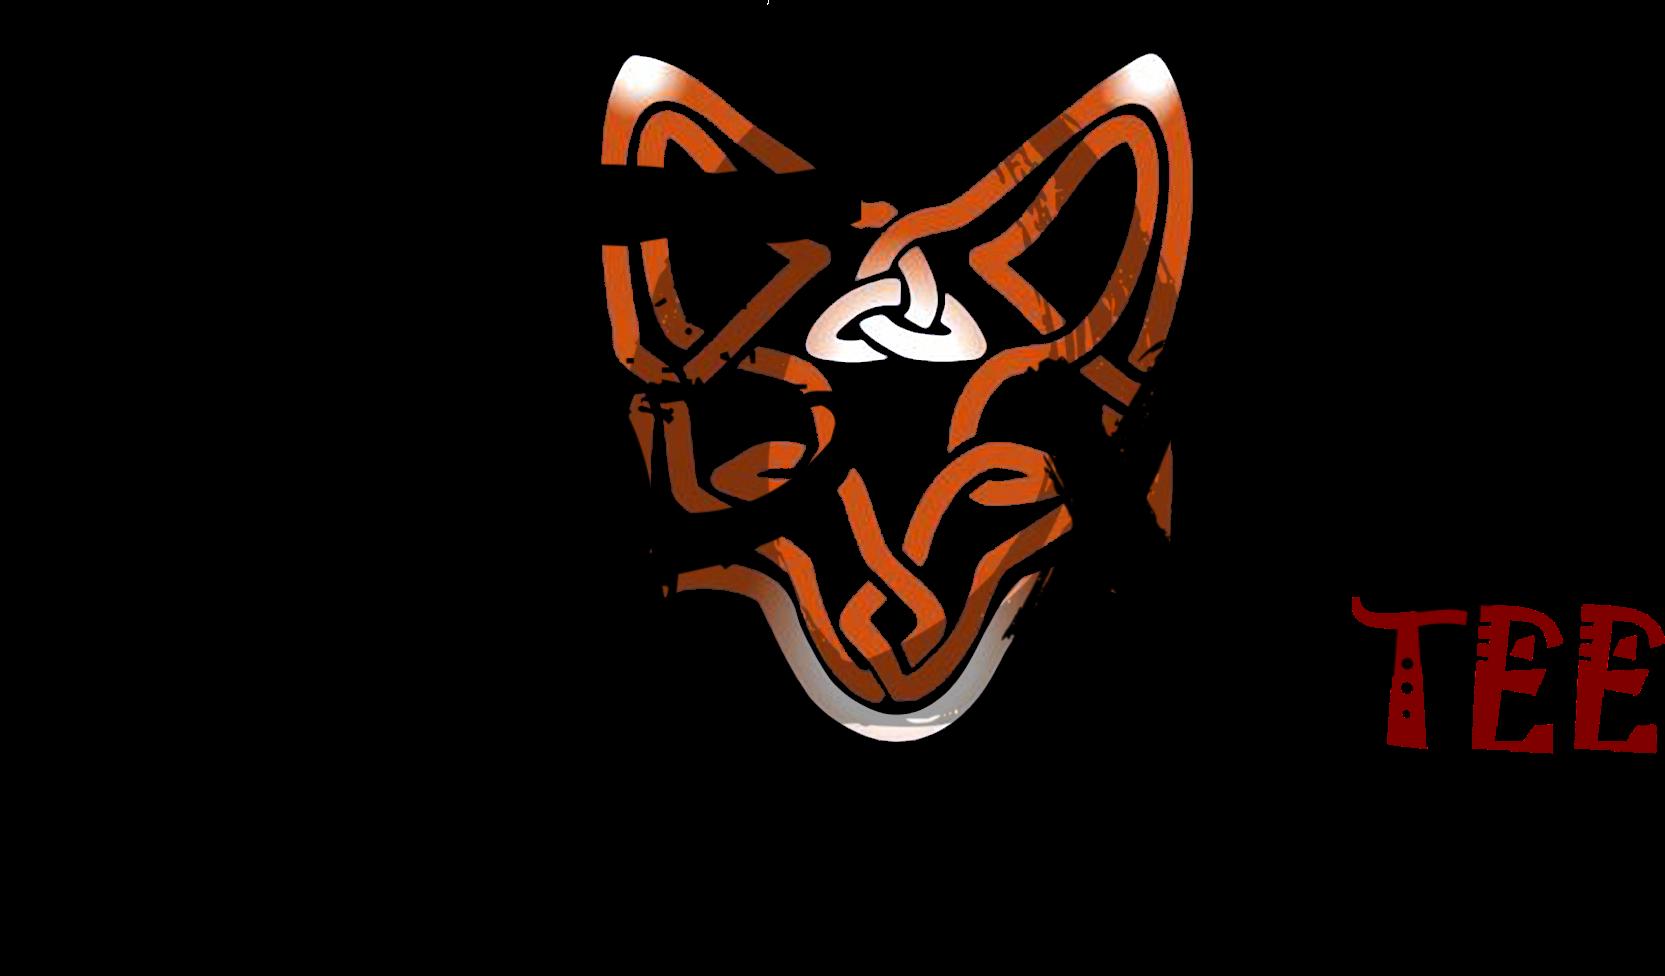 Foxstee